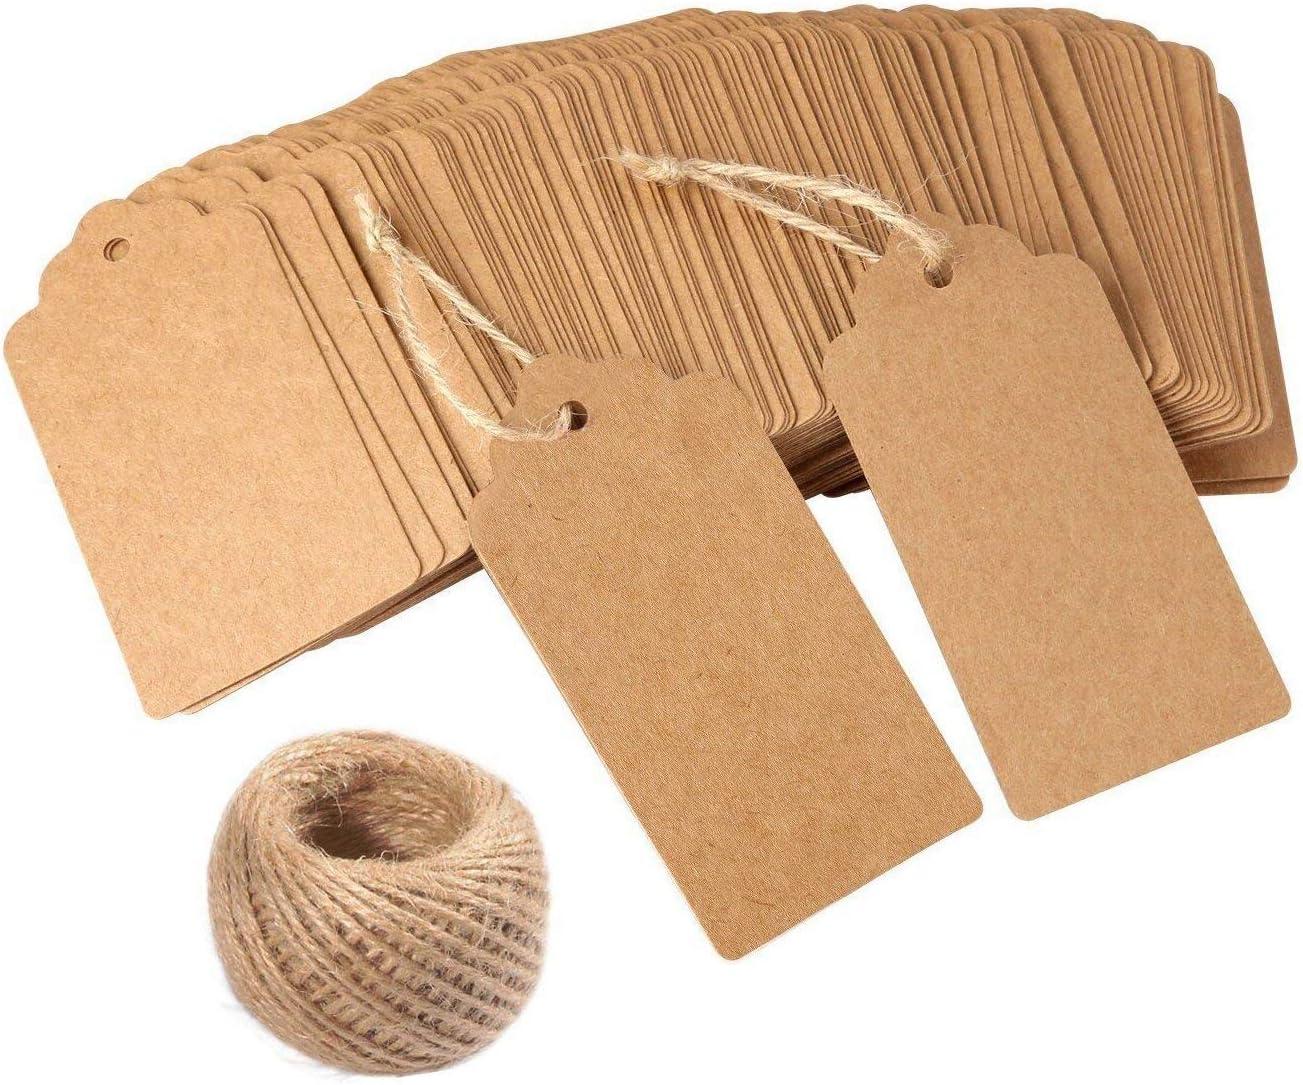 YNuth 100pz Kraft Carta Tags Etichetta Appendere Gioielli Tag Cartellini Etichette Filo Gioielli Etichette Vintage Segnalibri Handmade